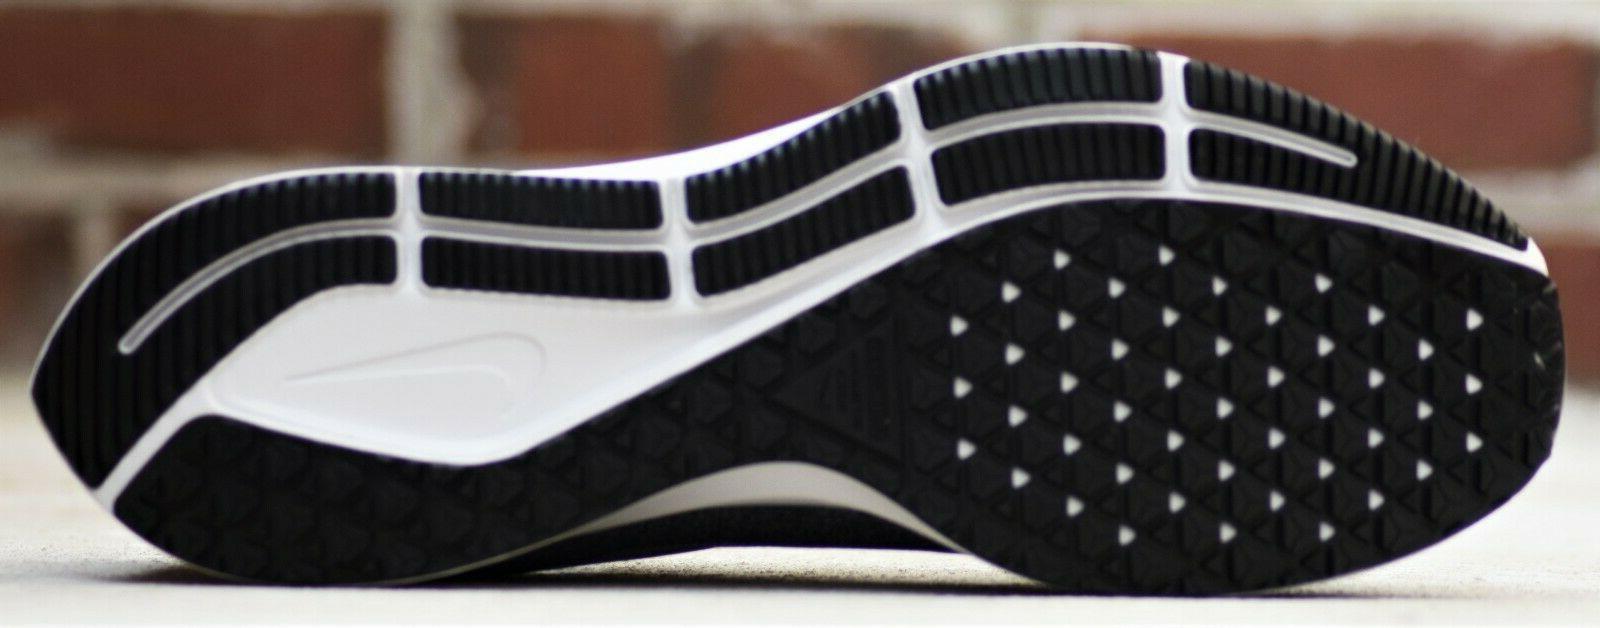 35 - Men's Water Resistant Running Shoes